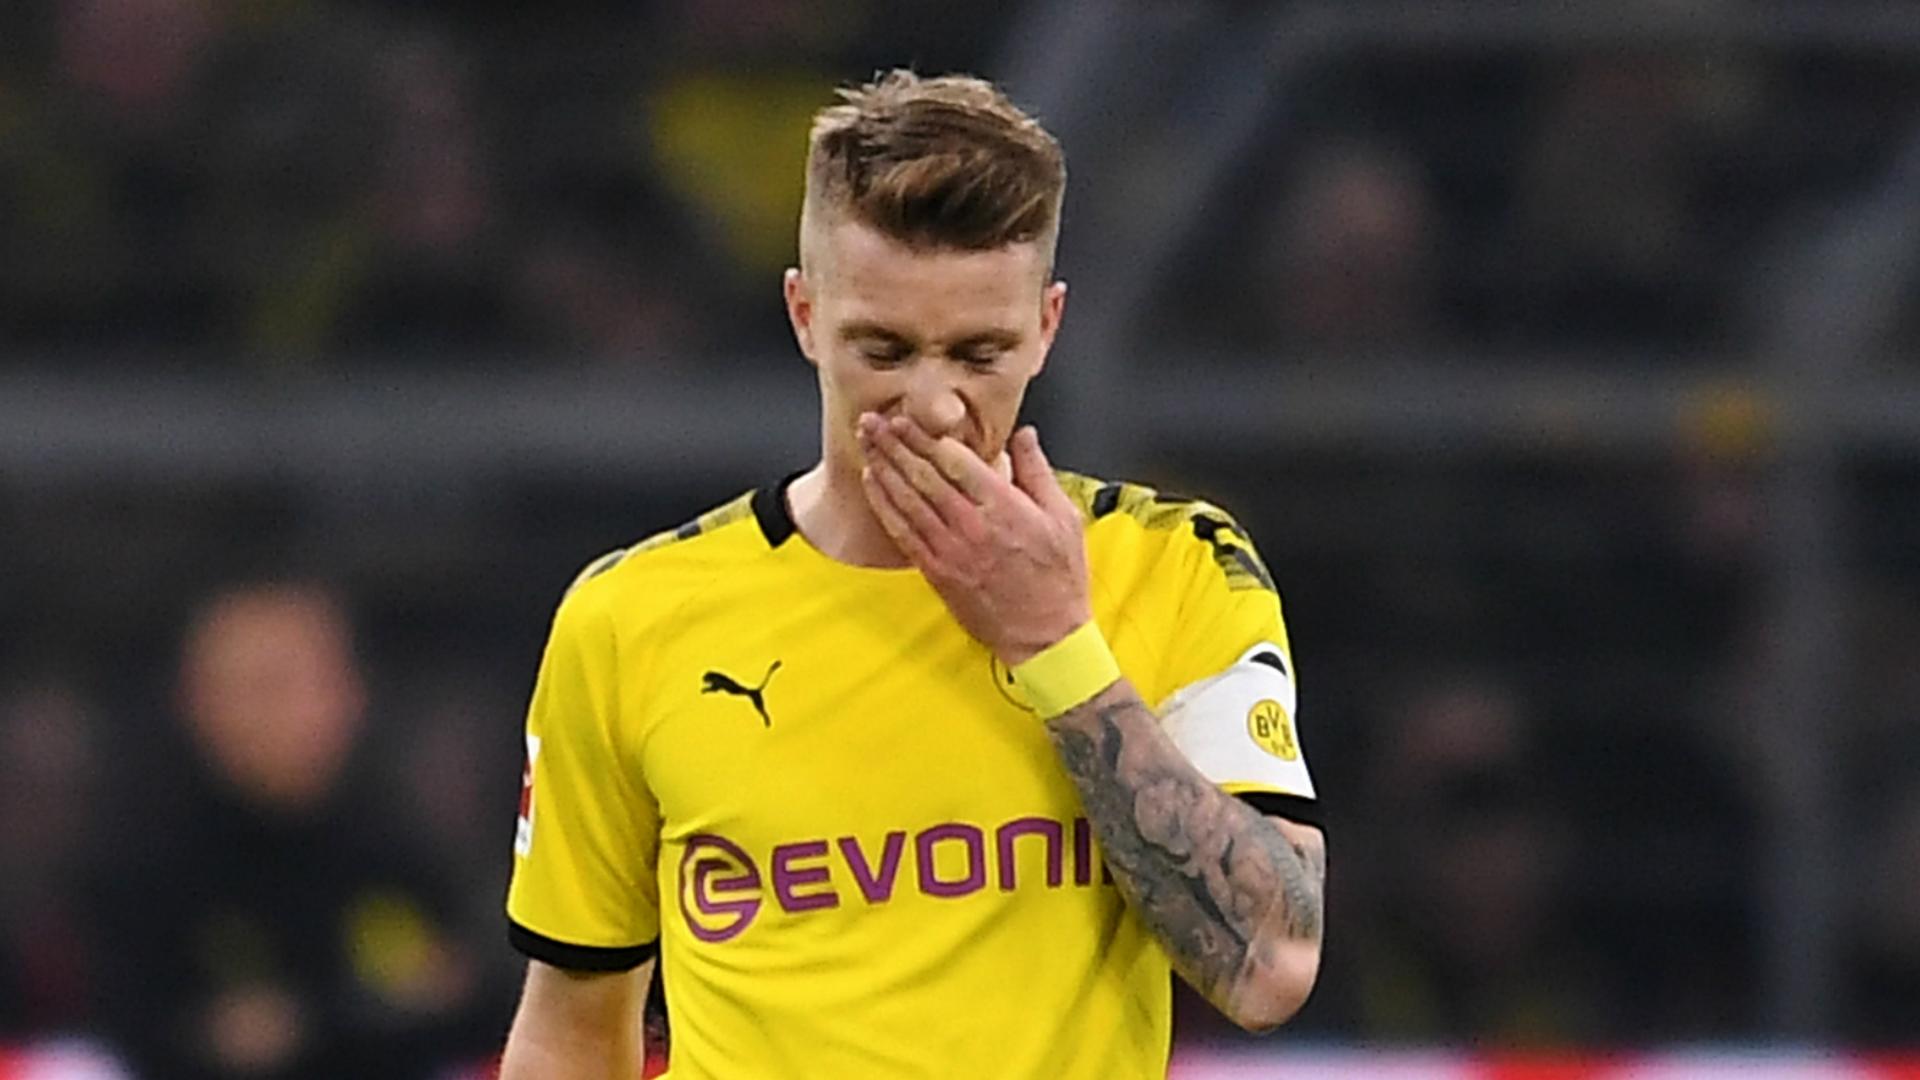 Dortmund not giving up on Reus return this season, says Favre